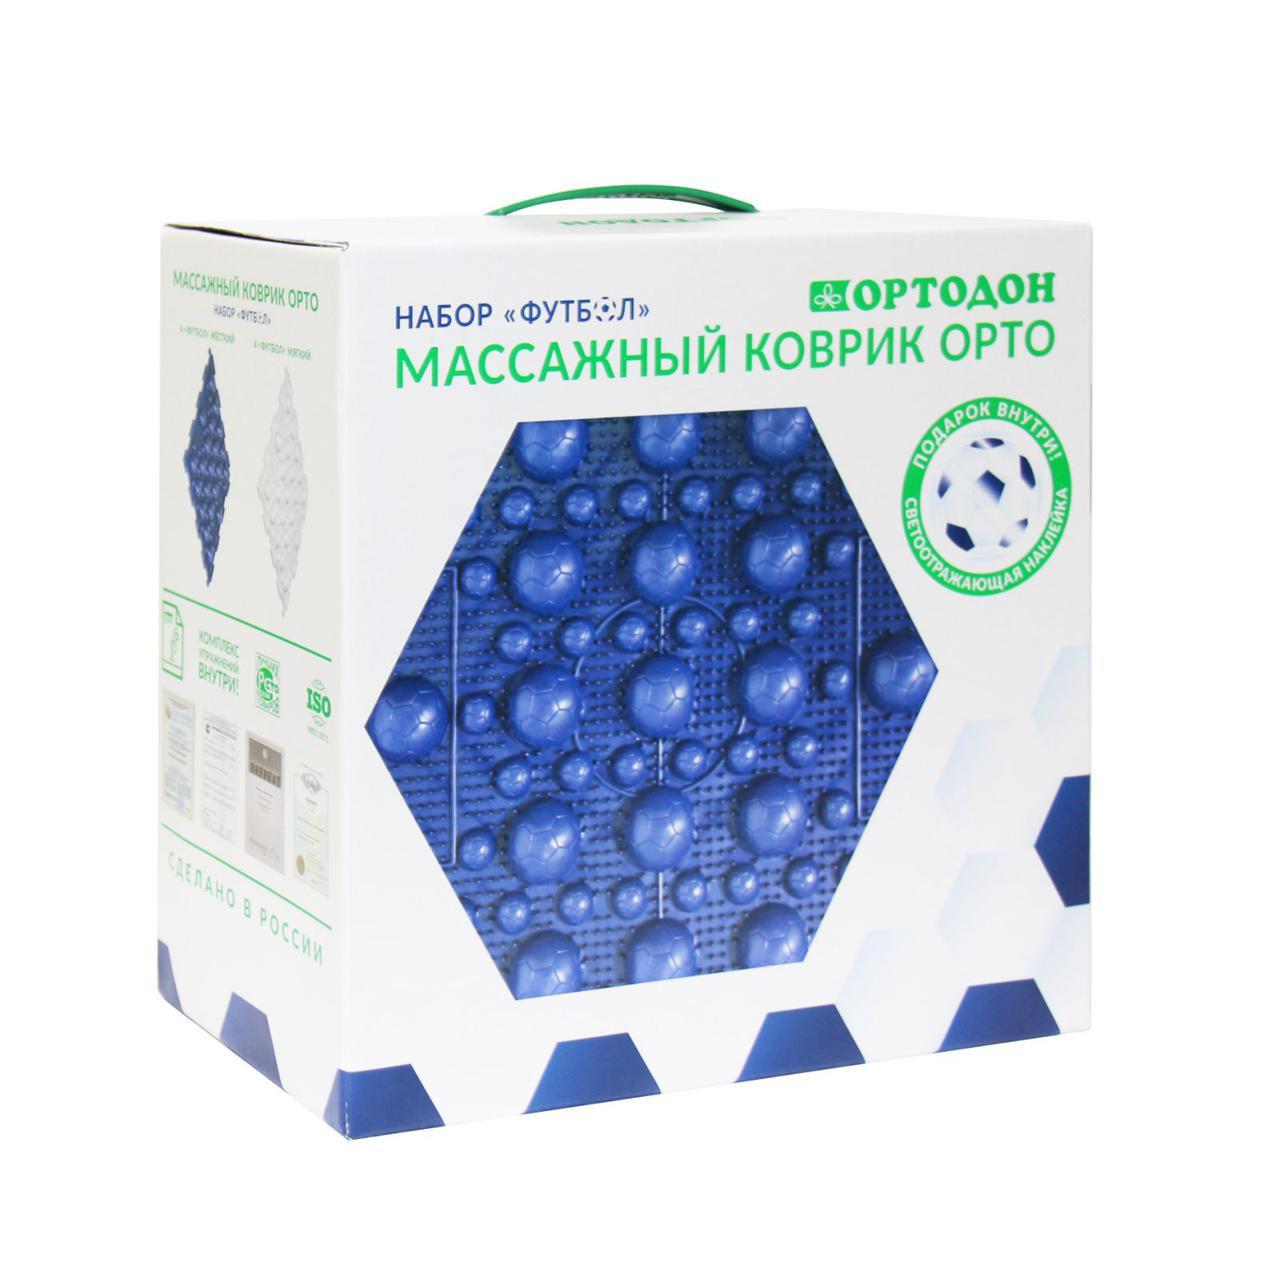 Футбол 8 пазлов Ортодон ортопедический массажный коврик ОРТО